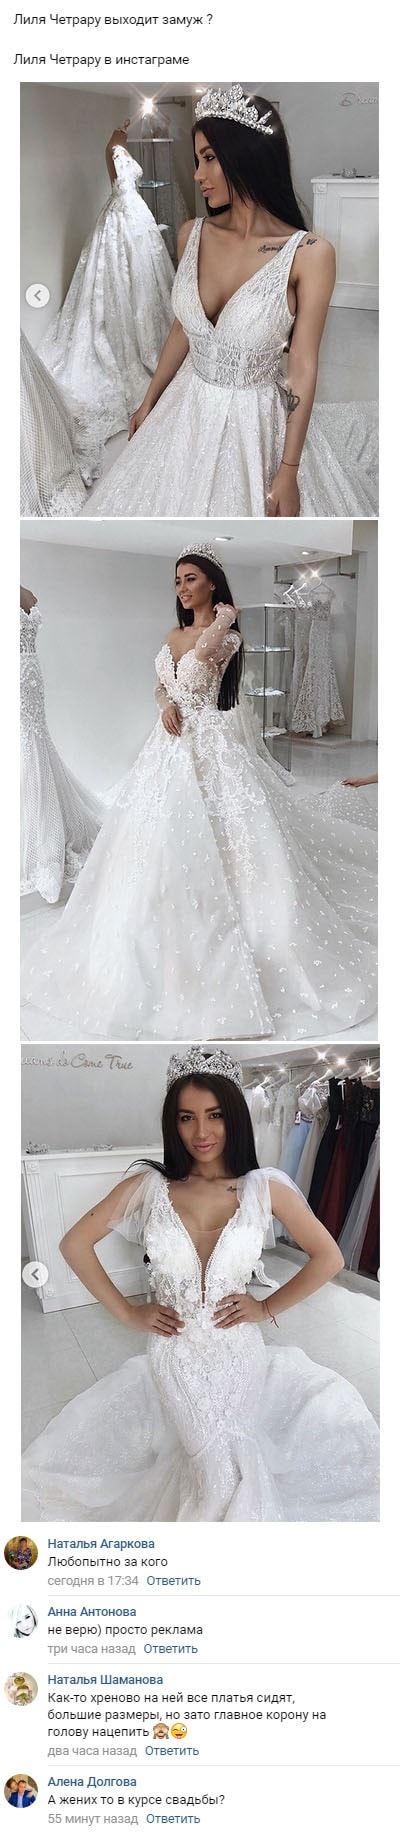 Лилия Четрару объявила о помолвке и показала подвенечное платье